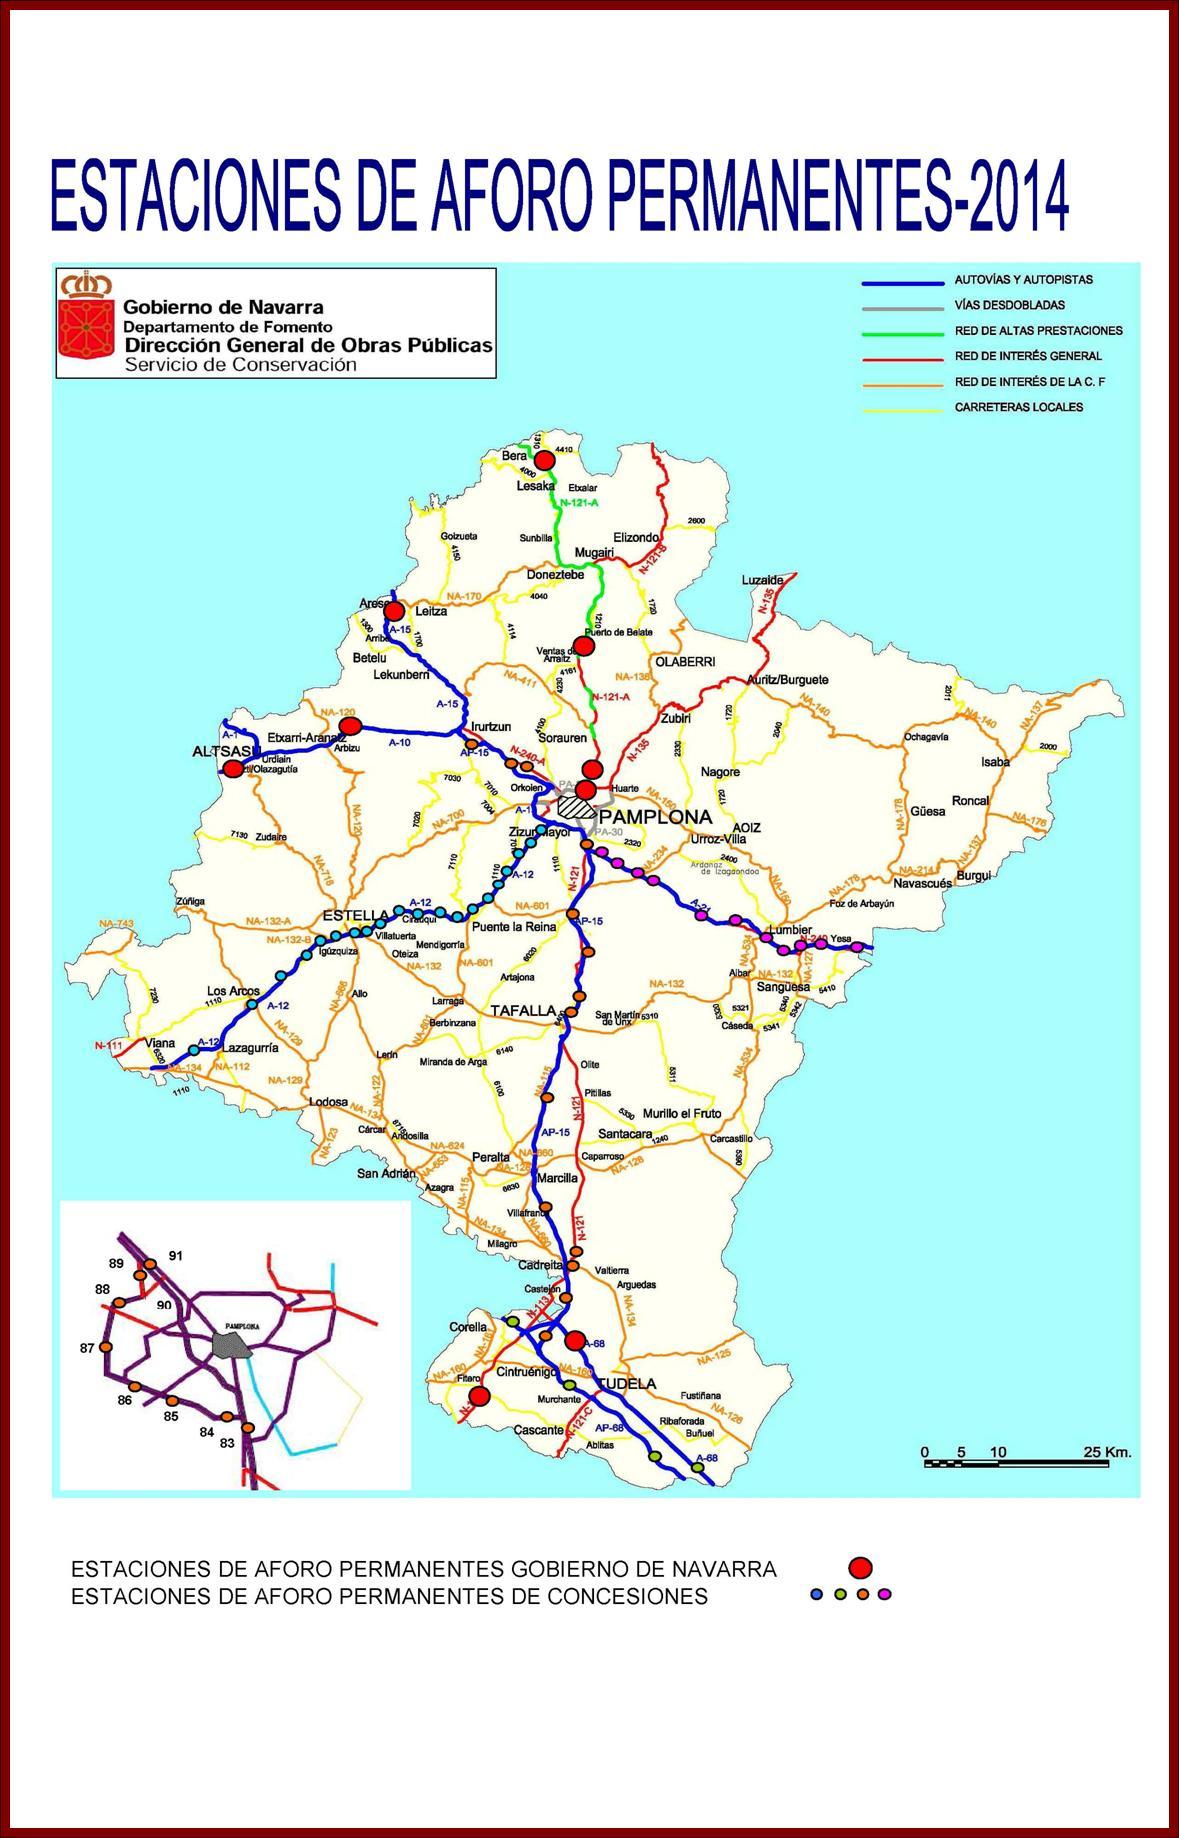 Mapa De Navarra Carreteras.Carreteras Mapa Y Listado De Carreteras Navarra Es